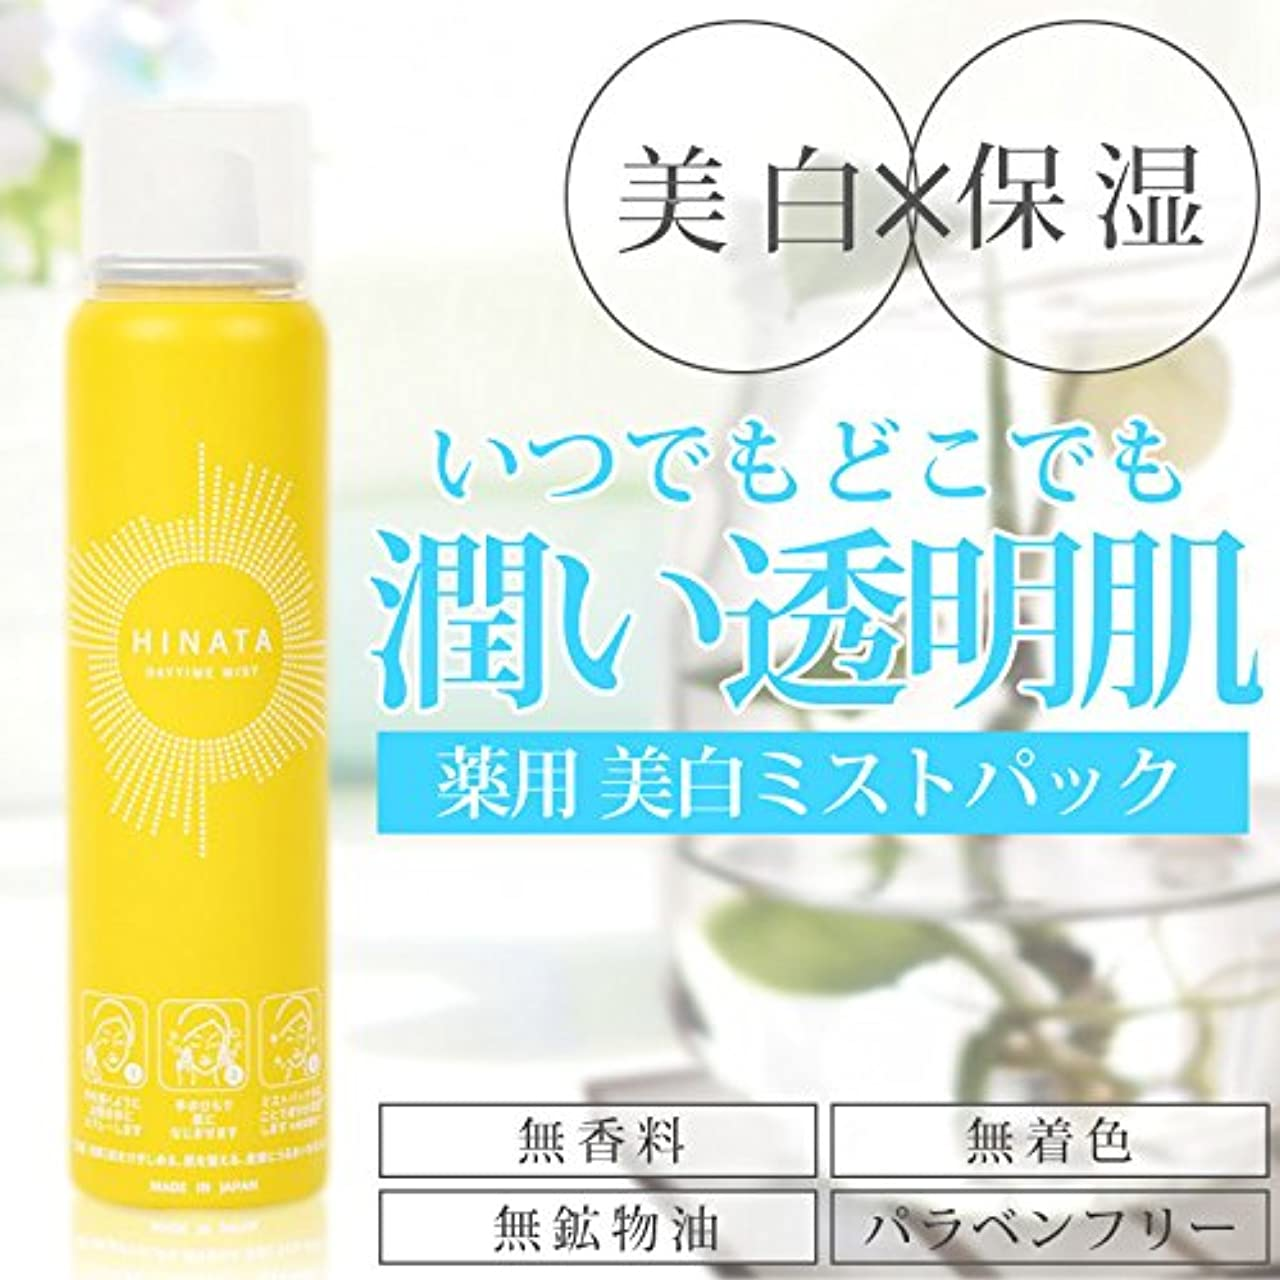 回転ディプロマ昼間化粧水 ヒナタ 医薬部外品 ミストパック ミストスプレー 美白